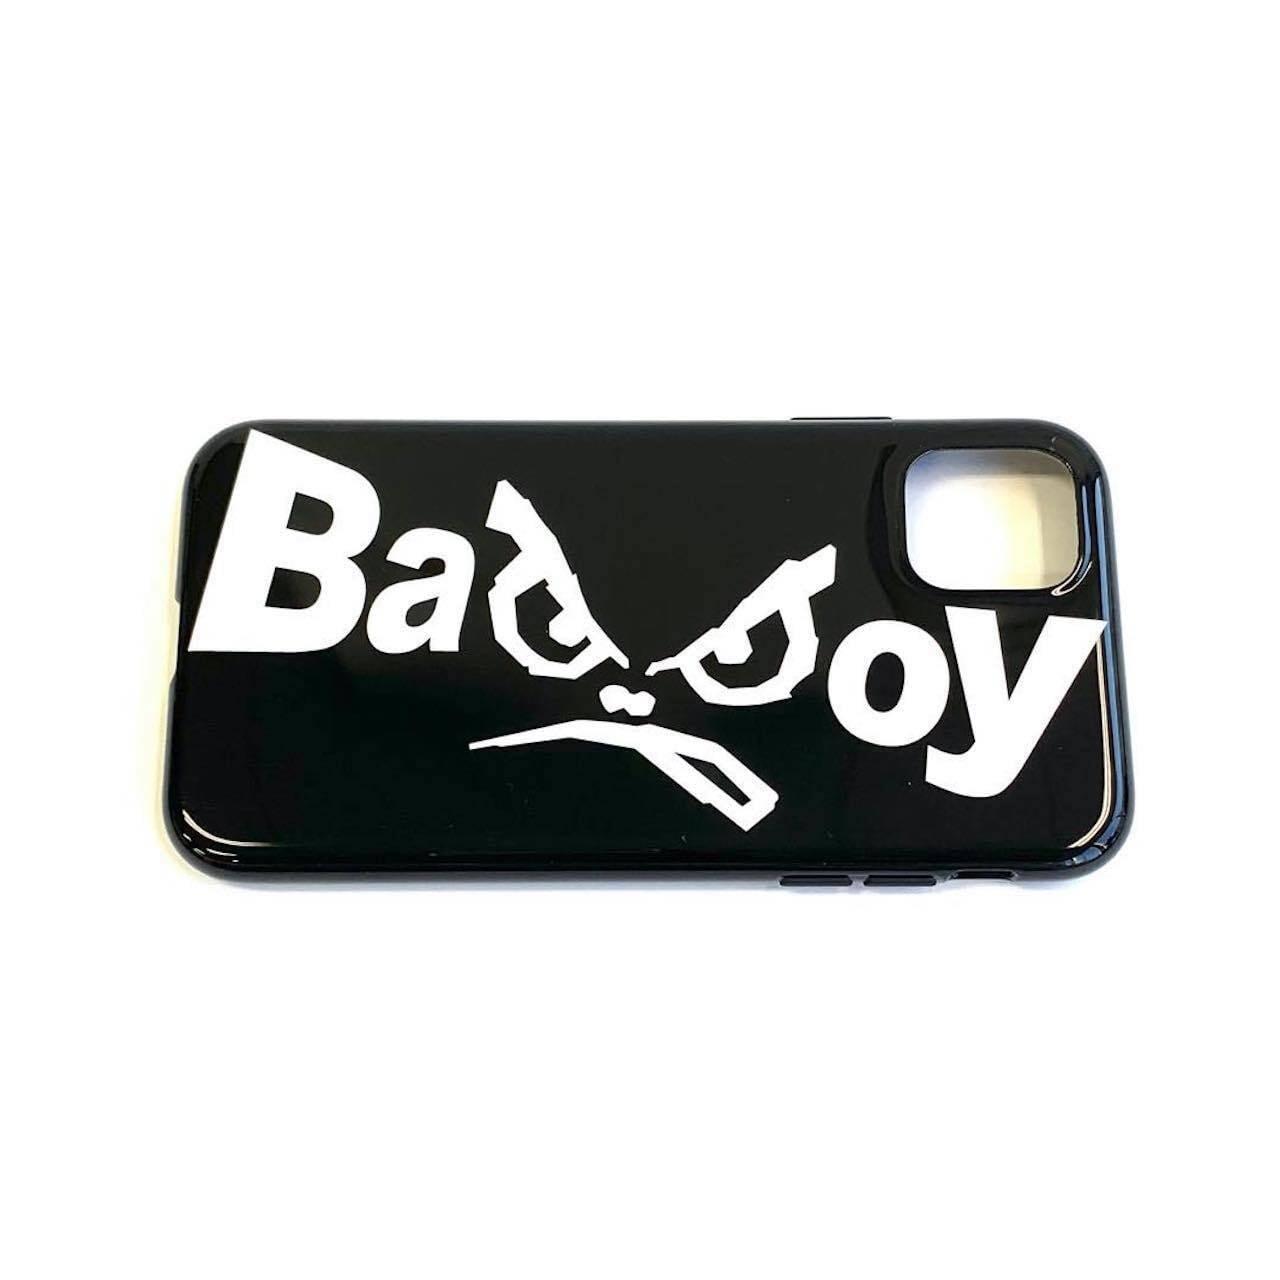 IPhoneケース 【BAD BOY】ブラック